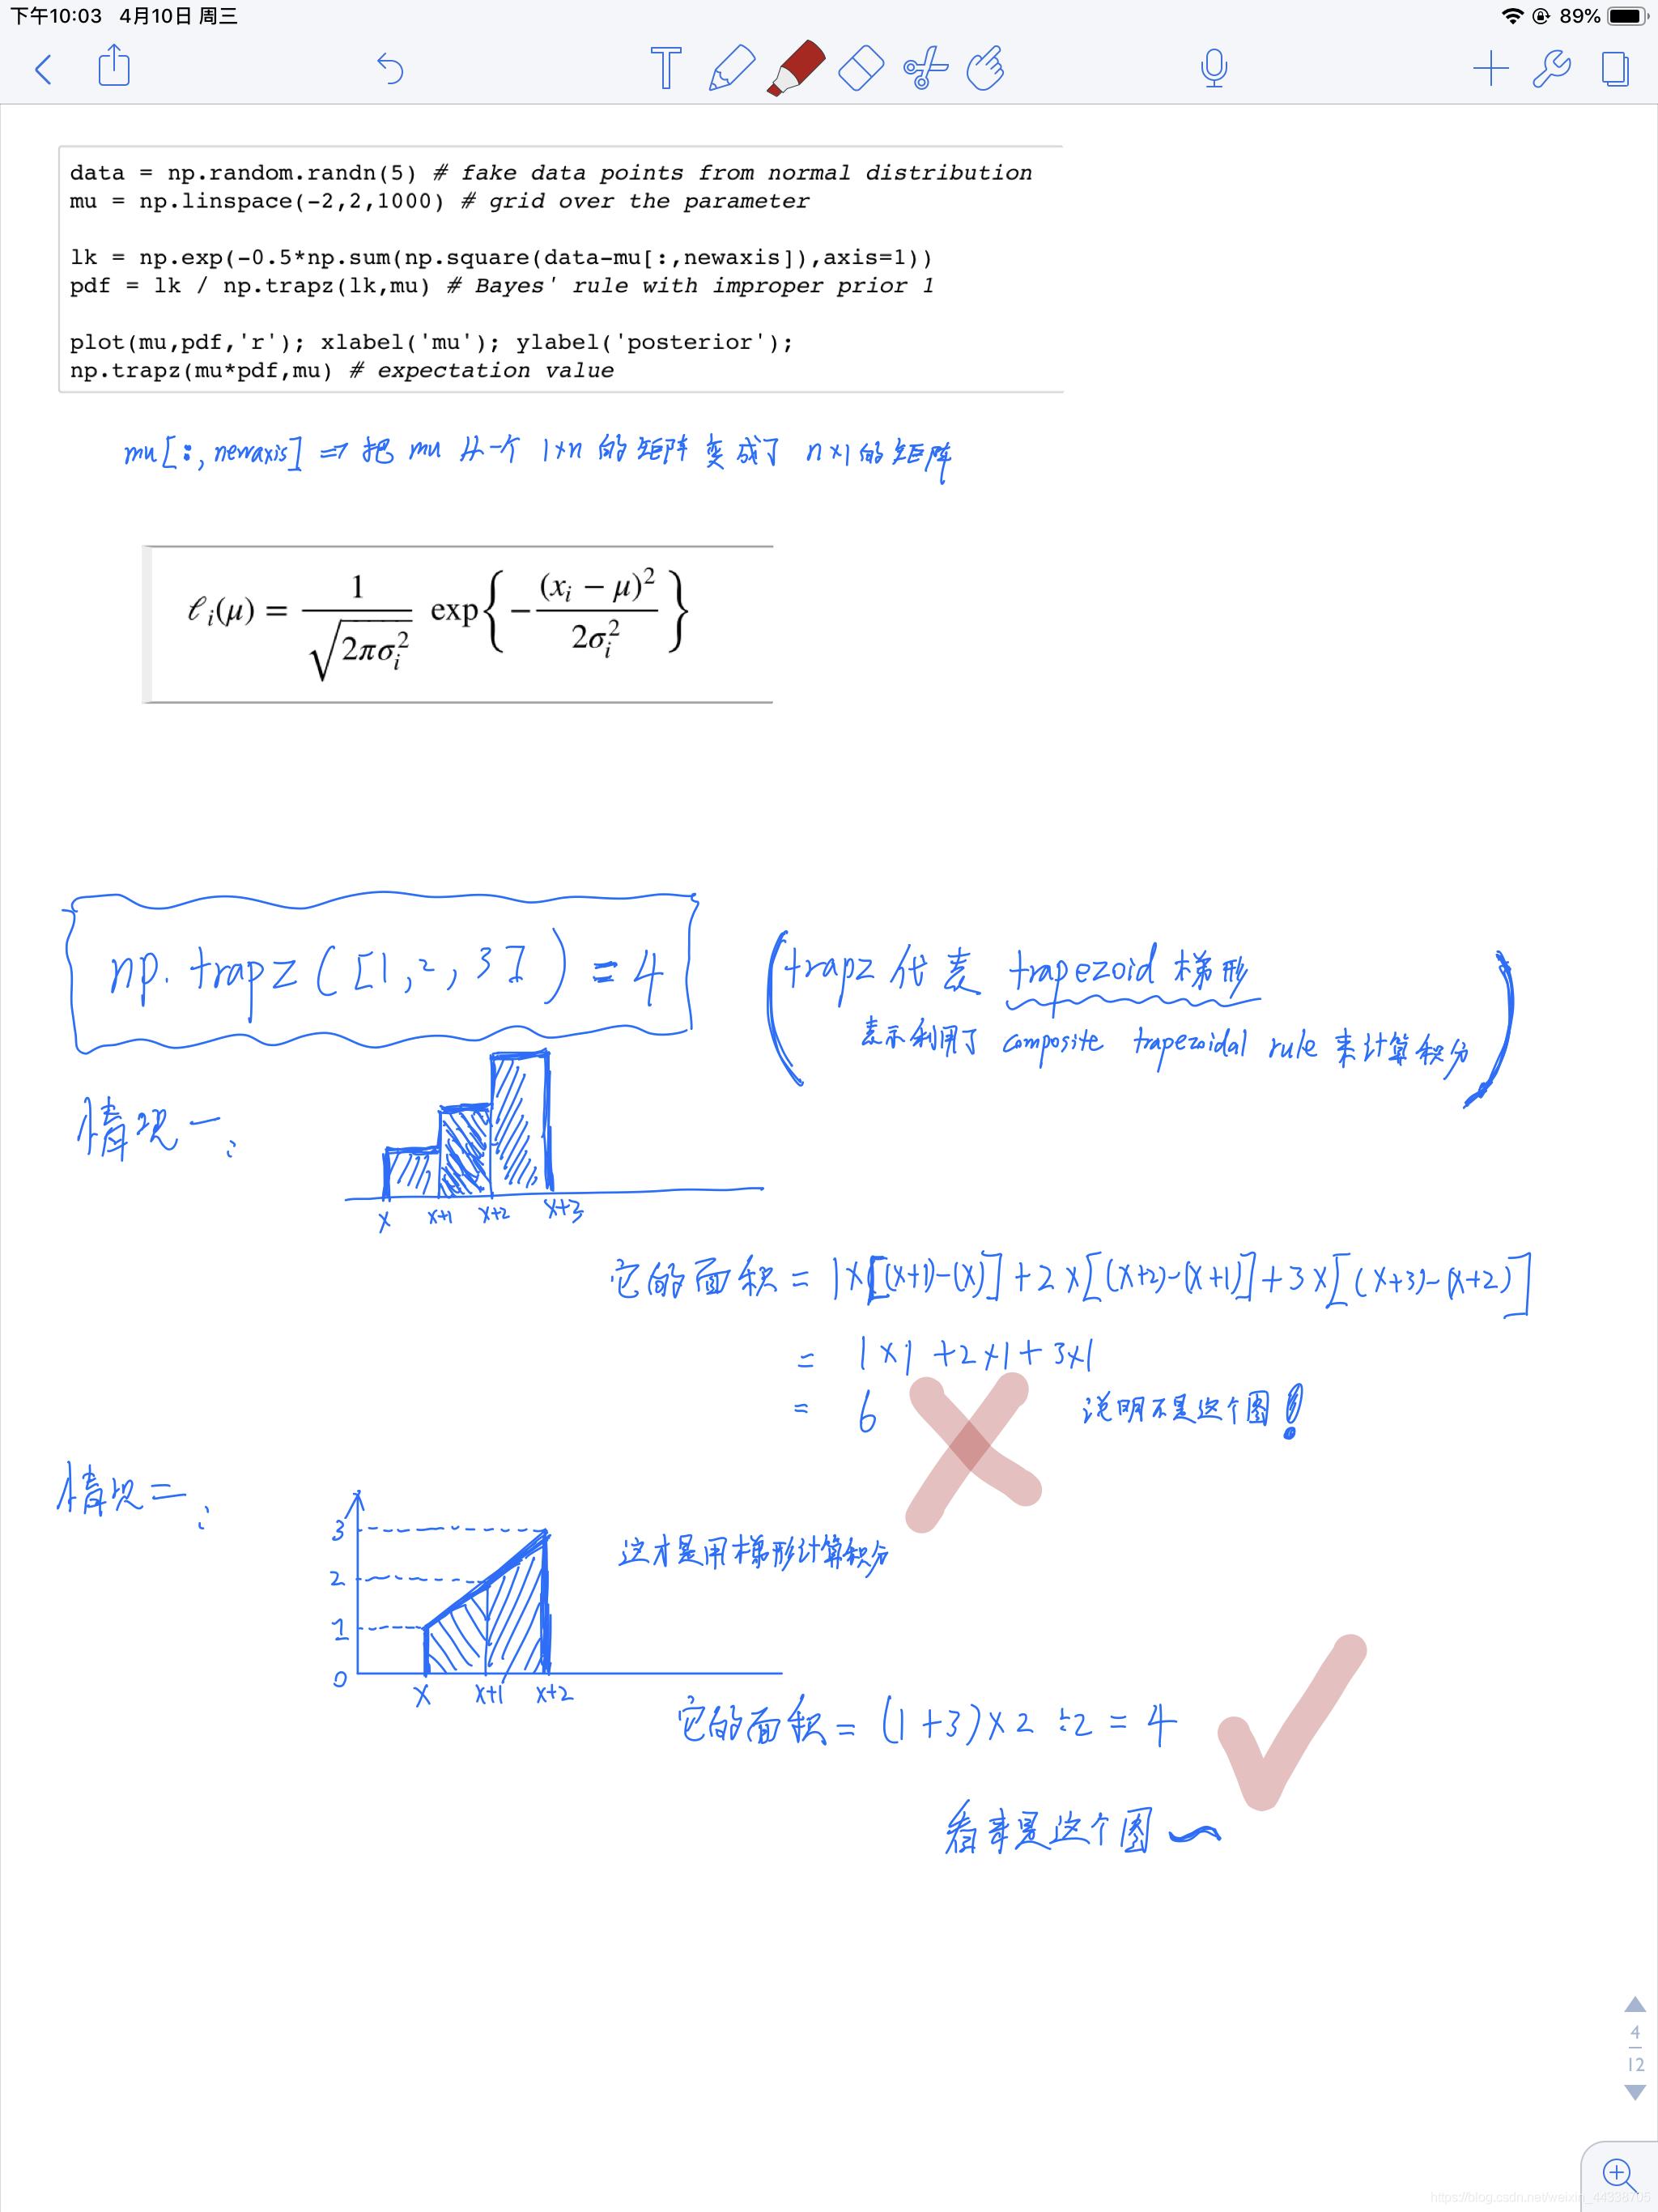 np trapz()的生动解释- weixin_44338705的博客- CSDN博客